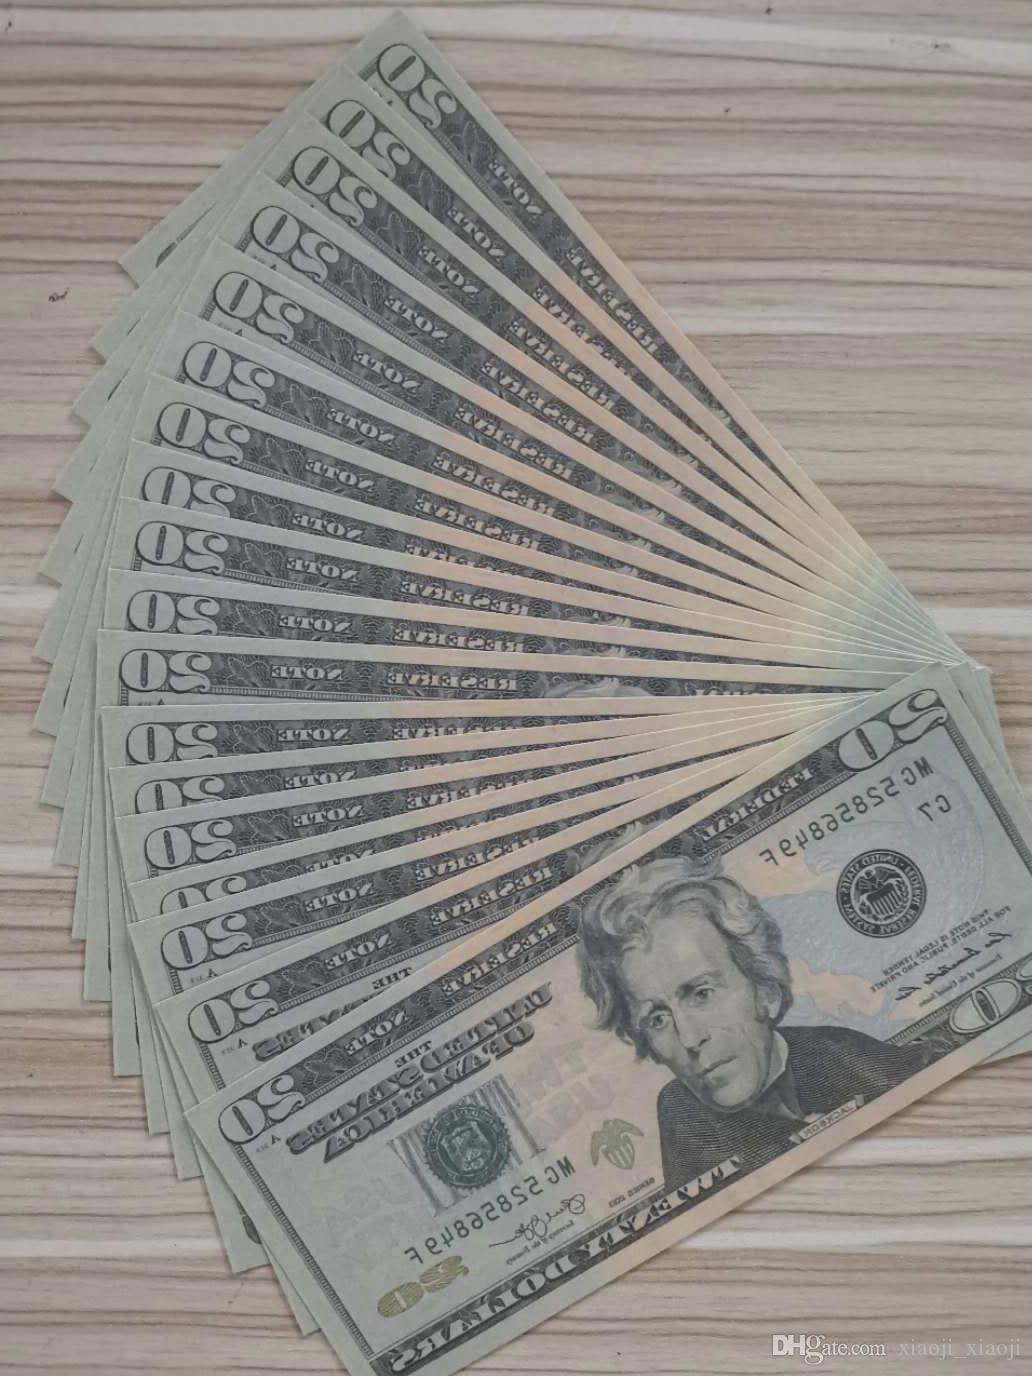 Meilleur vente en gros 001 de la qualité de la décoration de la qualité Decoration Faux Video Dollor 20 Money Comptage de l'argent de l'argent pour Film Kids Fake Home Film Sjhts